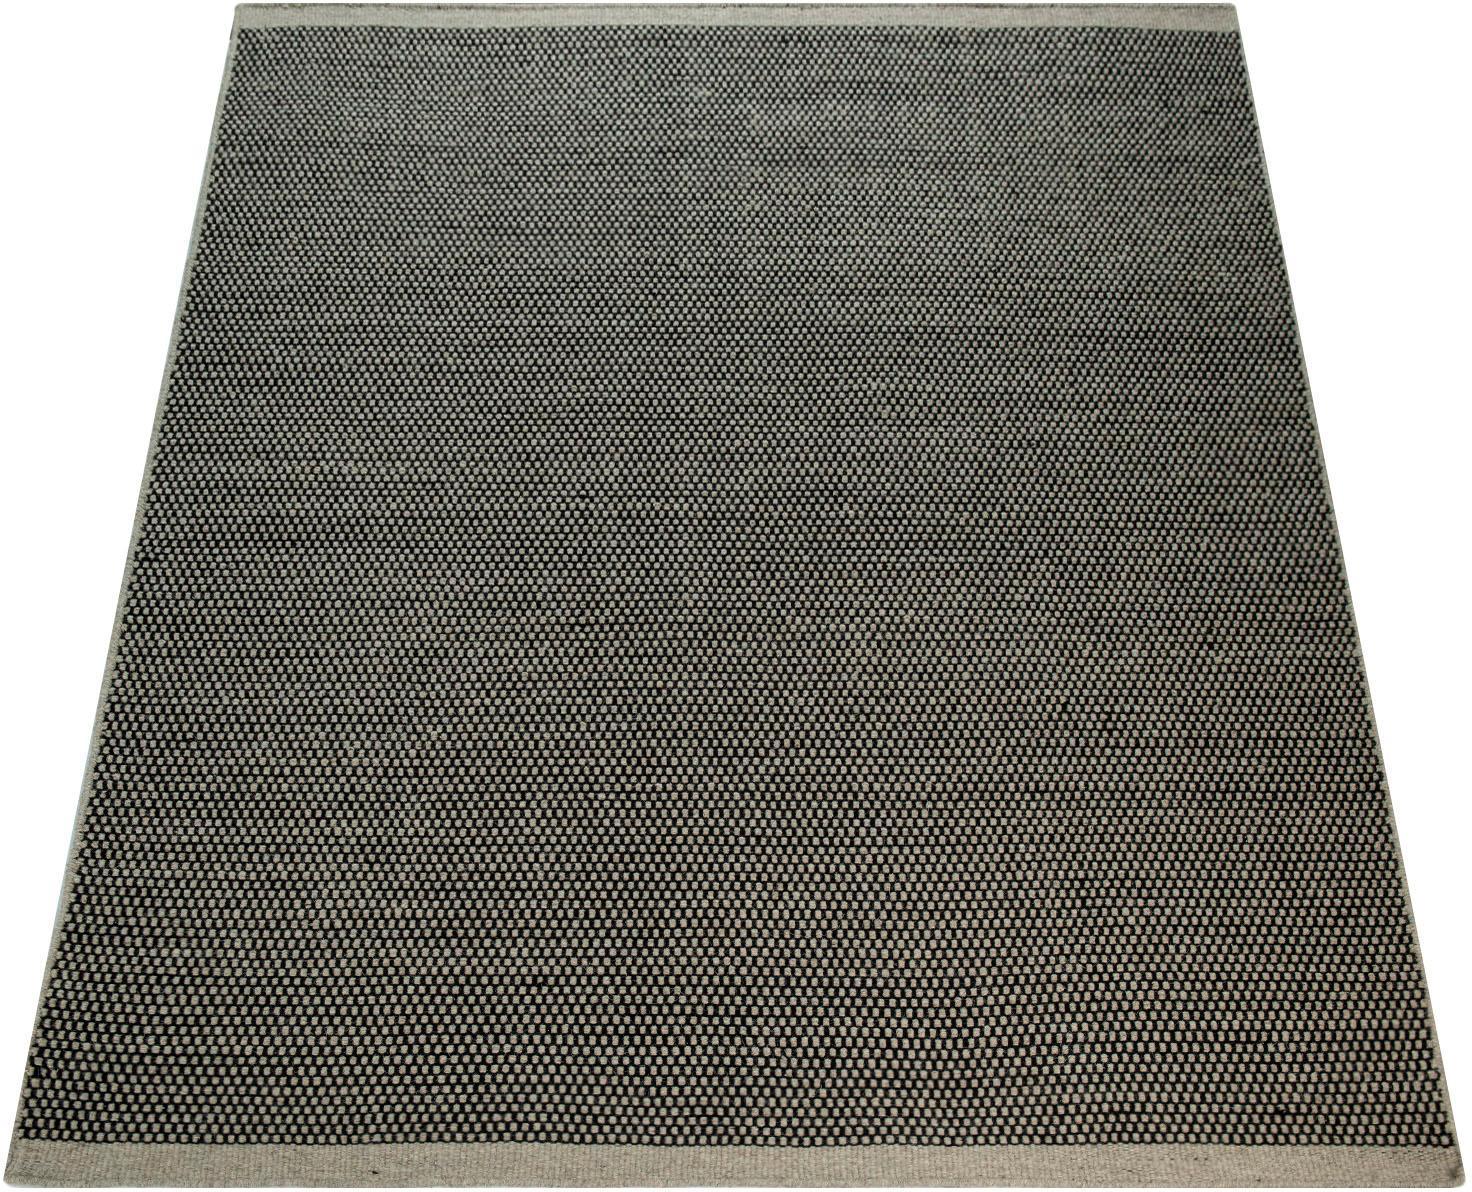 Teppich Kasko 300 Paco Home rechteckig Höhe 13 mm maschinell gewebt